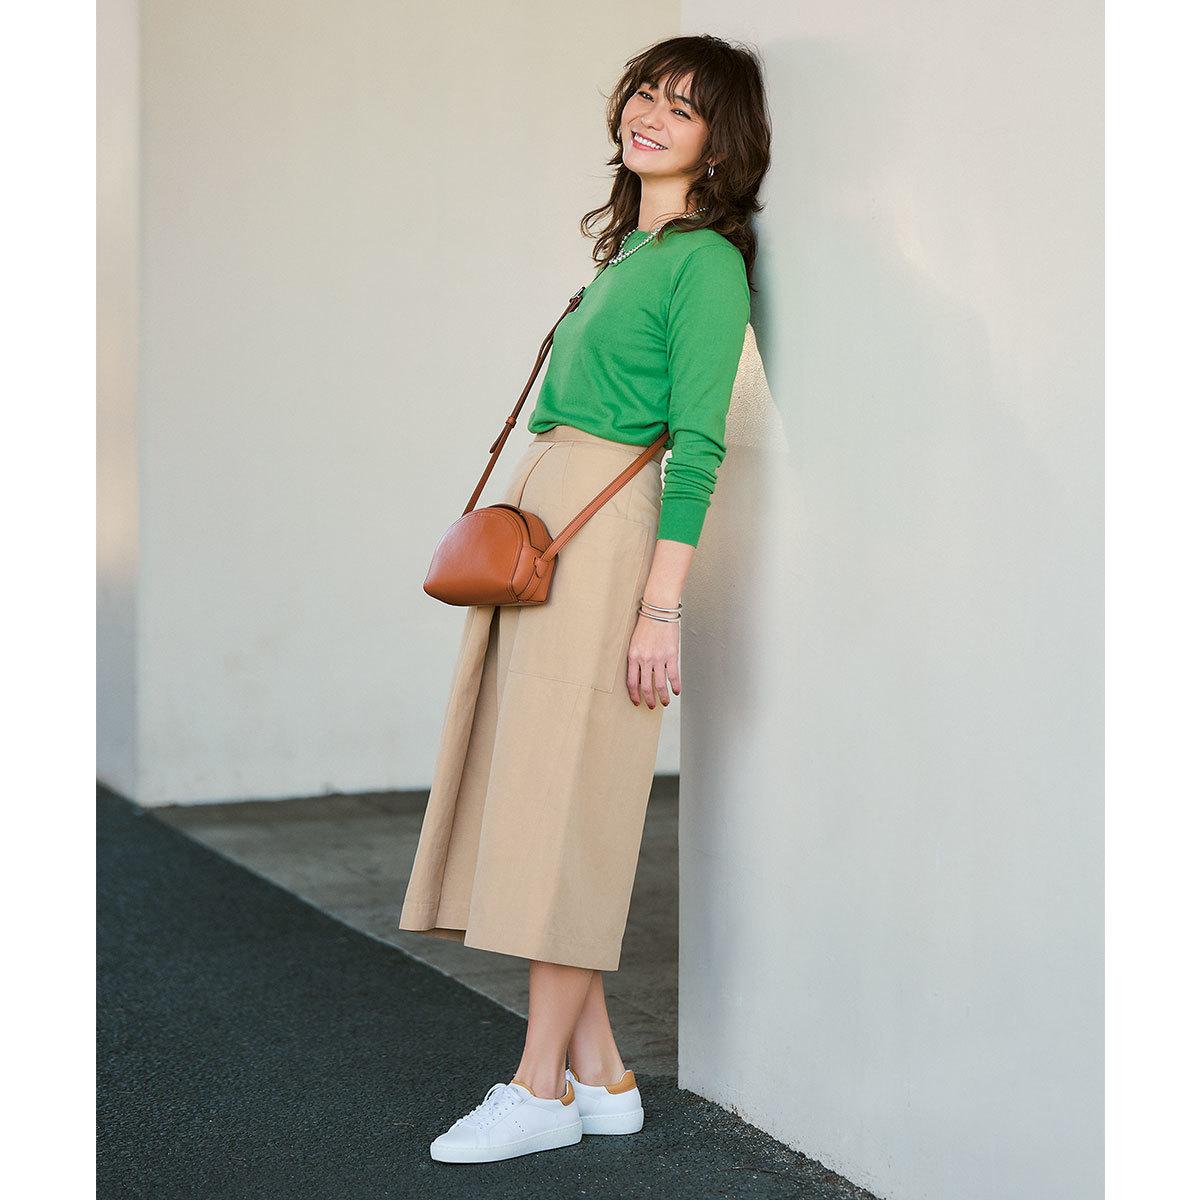 グリーンのニット×グリーンのスカートコーデ